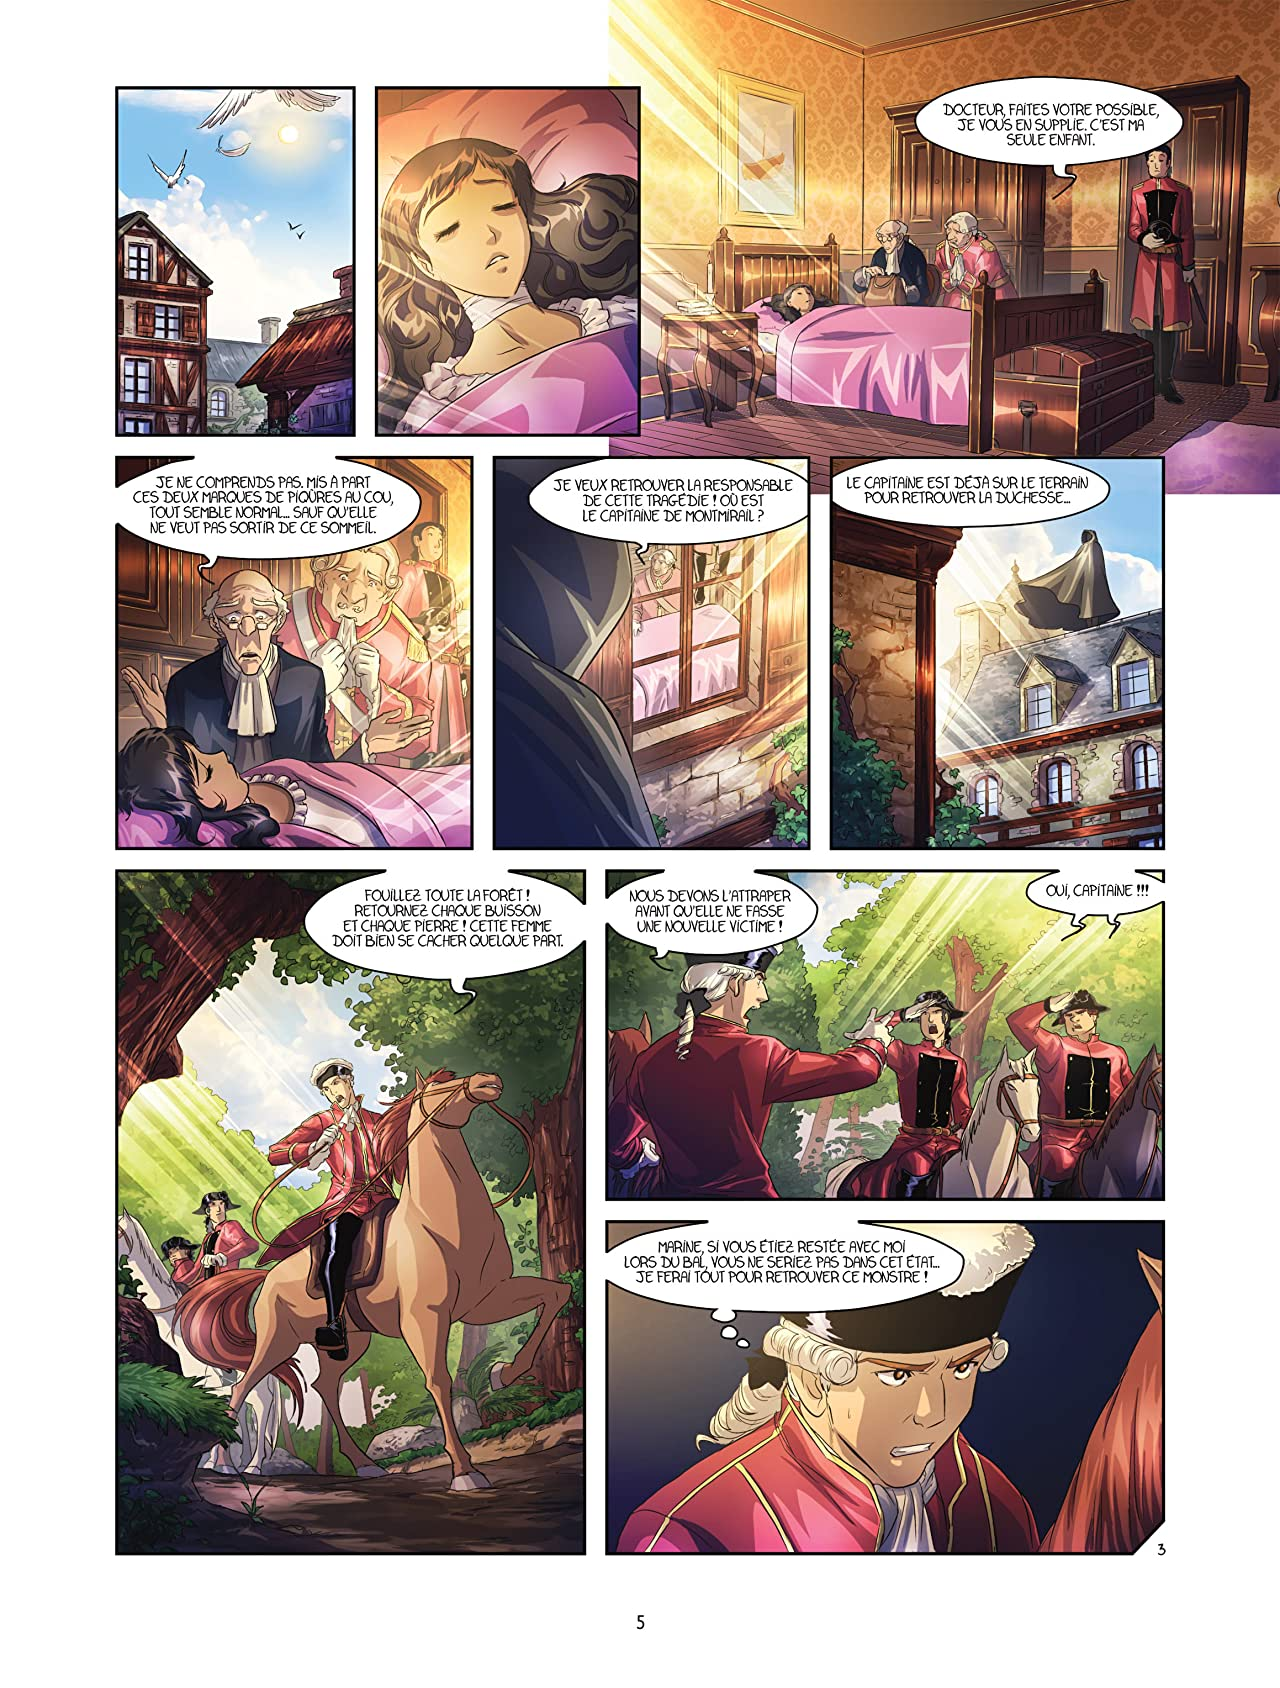 La rose écarlate - Missions Vol. 4: La Dame en rouge 2/2